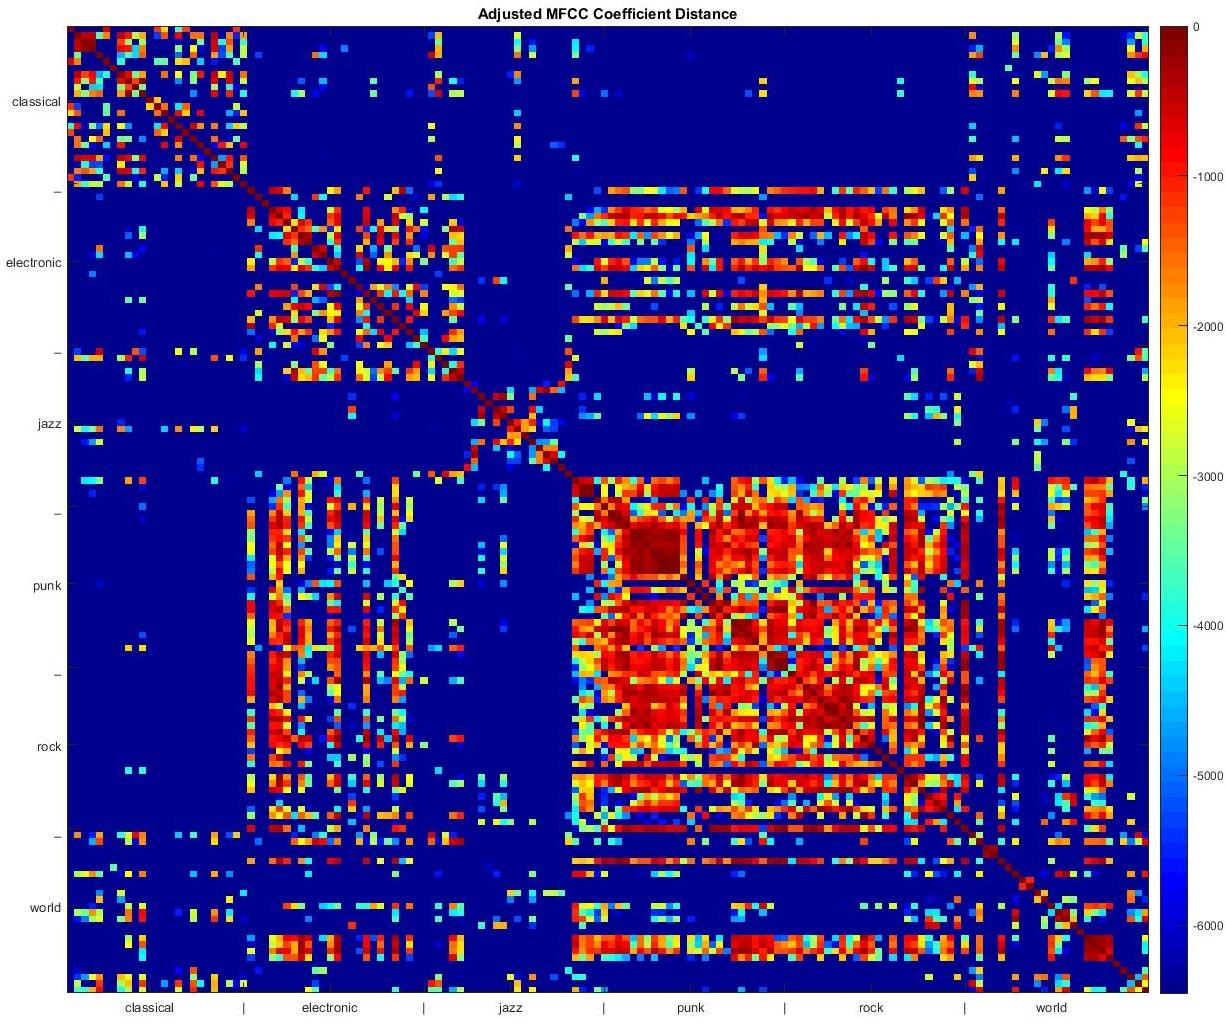 P7_V4_fig2.jpg